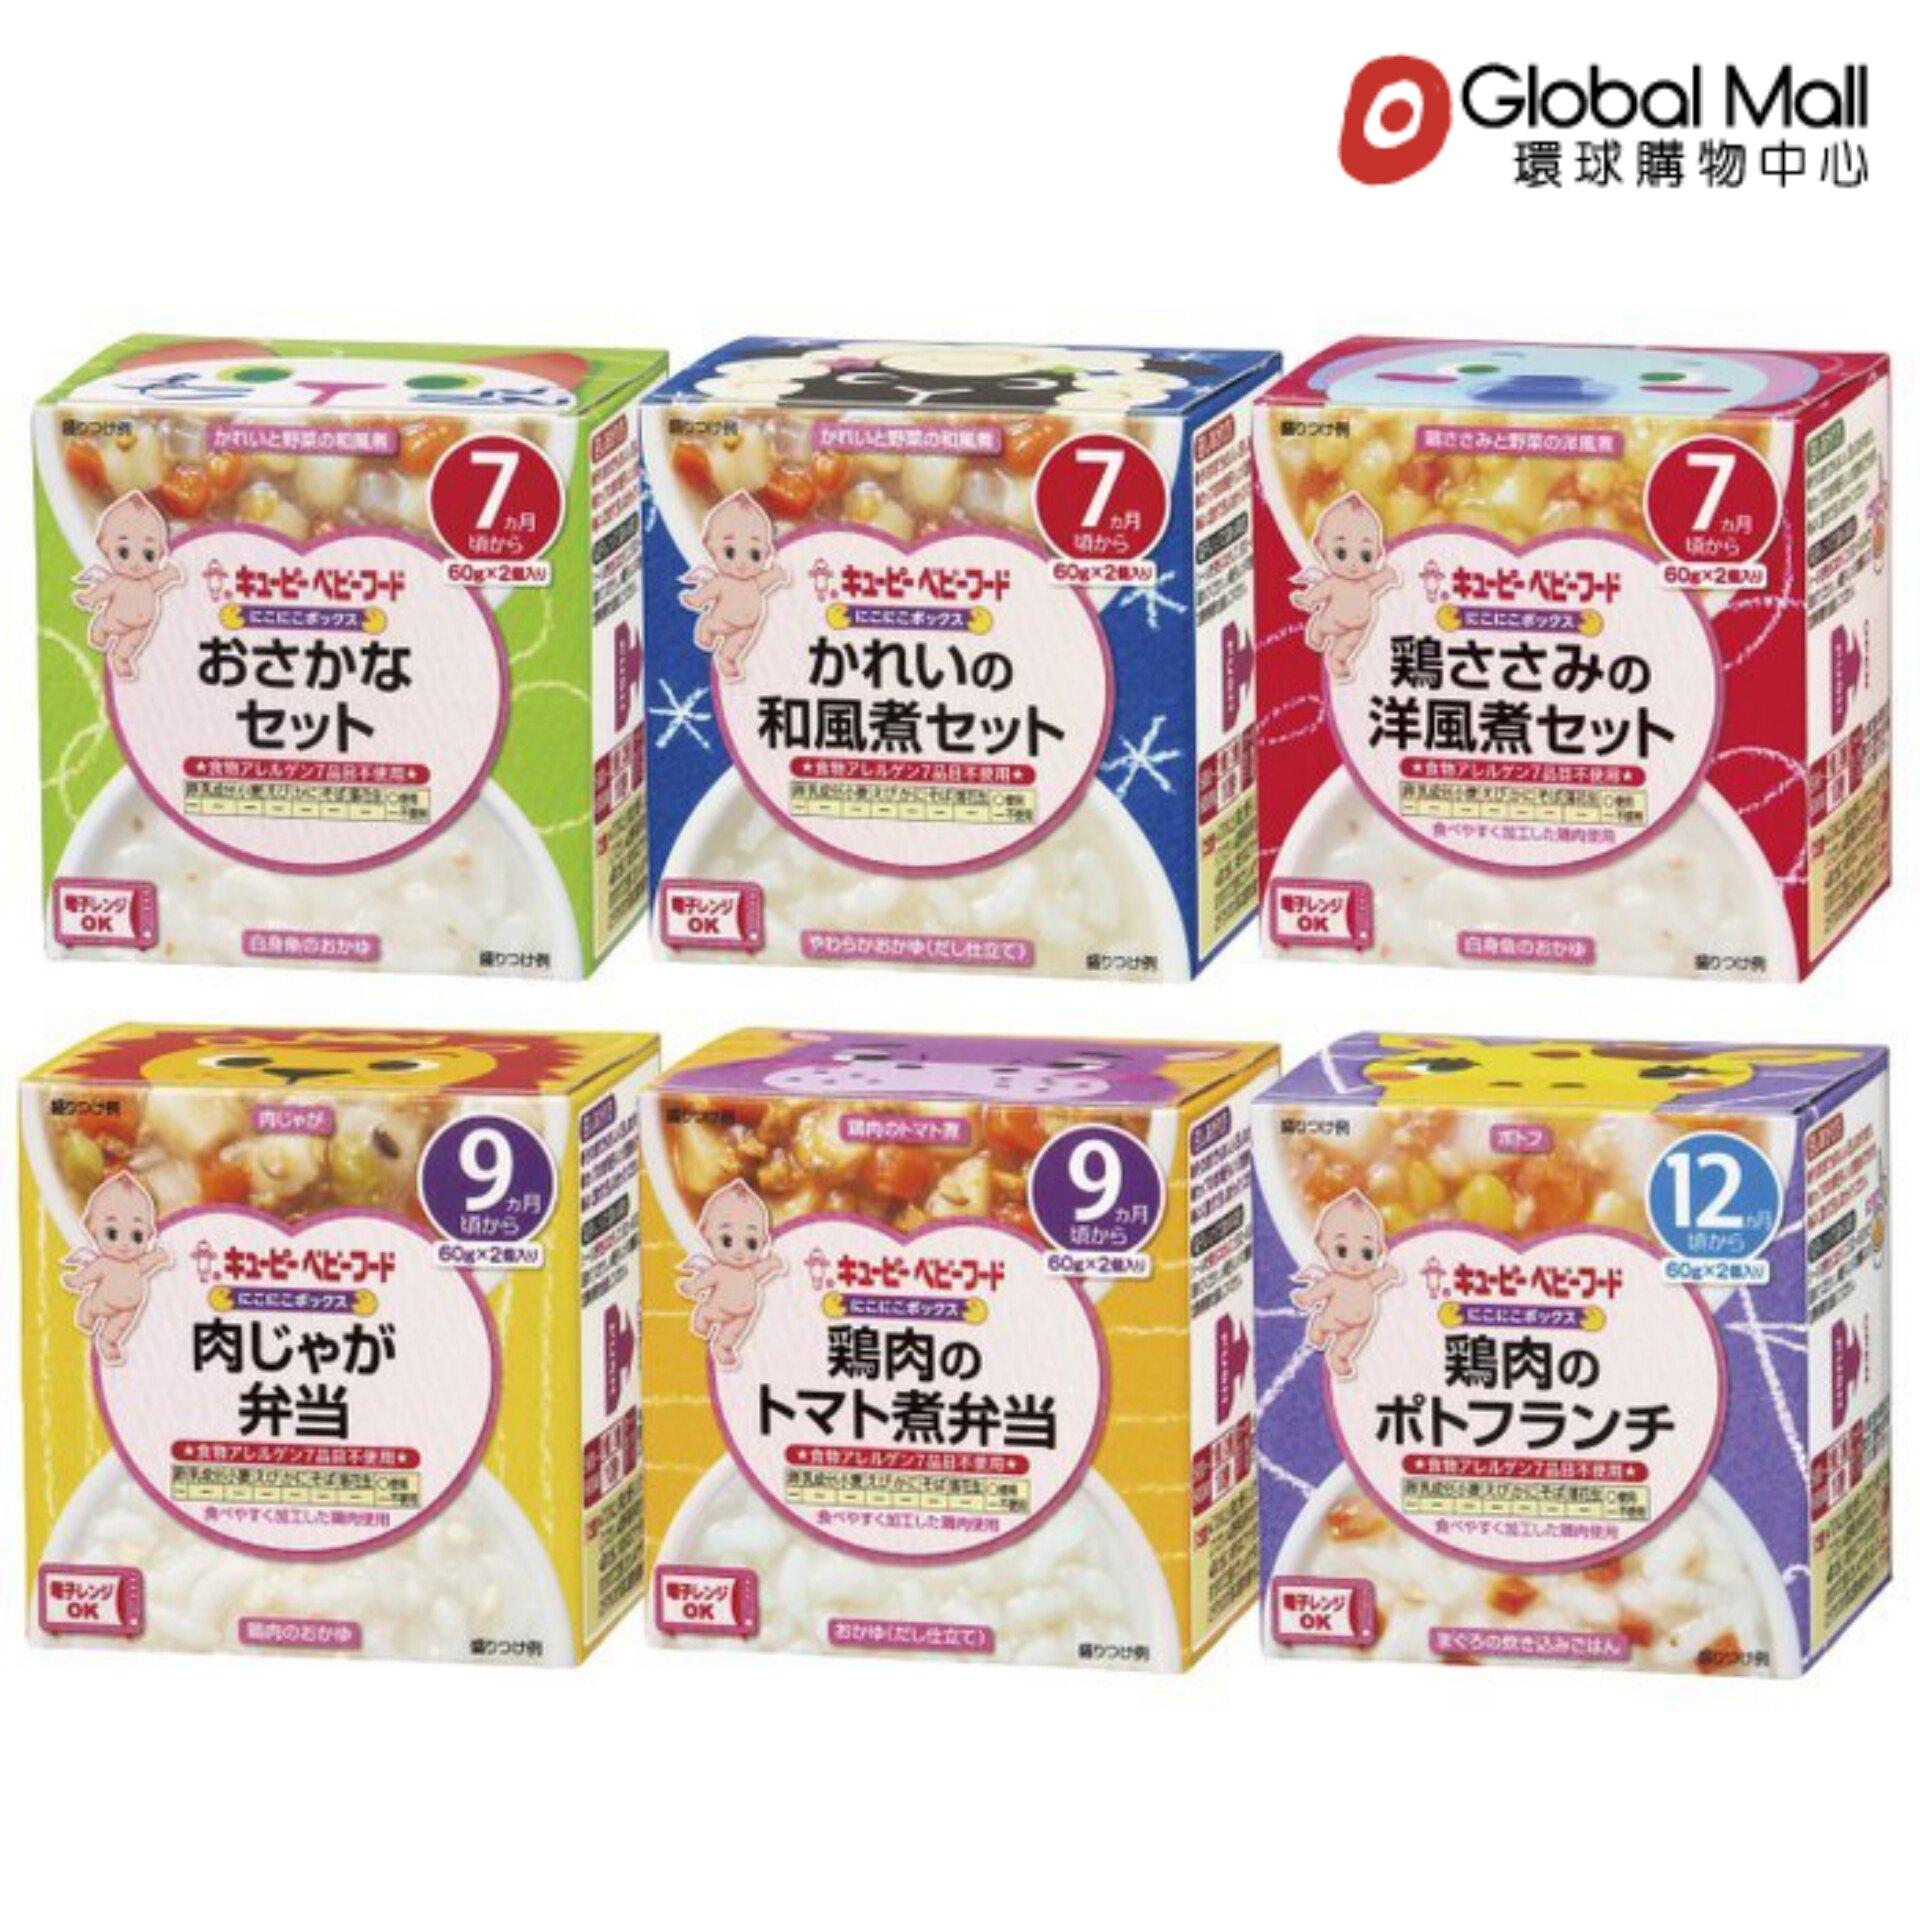 【甜蜜家族】Kewpie 寶寶便當系列/寶寶粥 120g 7~12M (多口味可選)